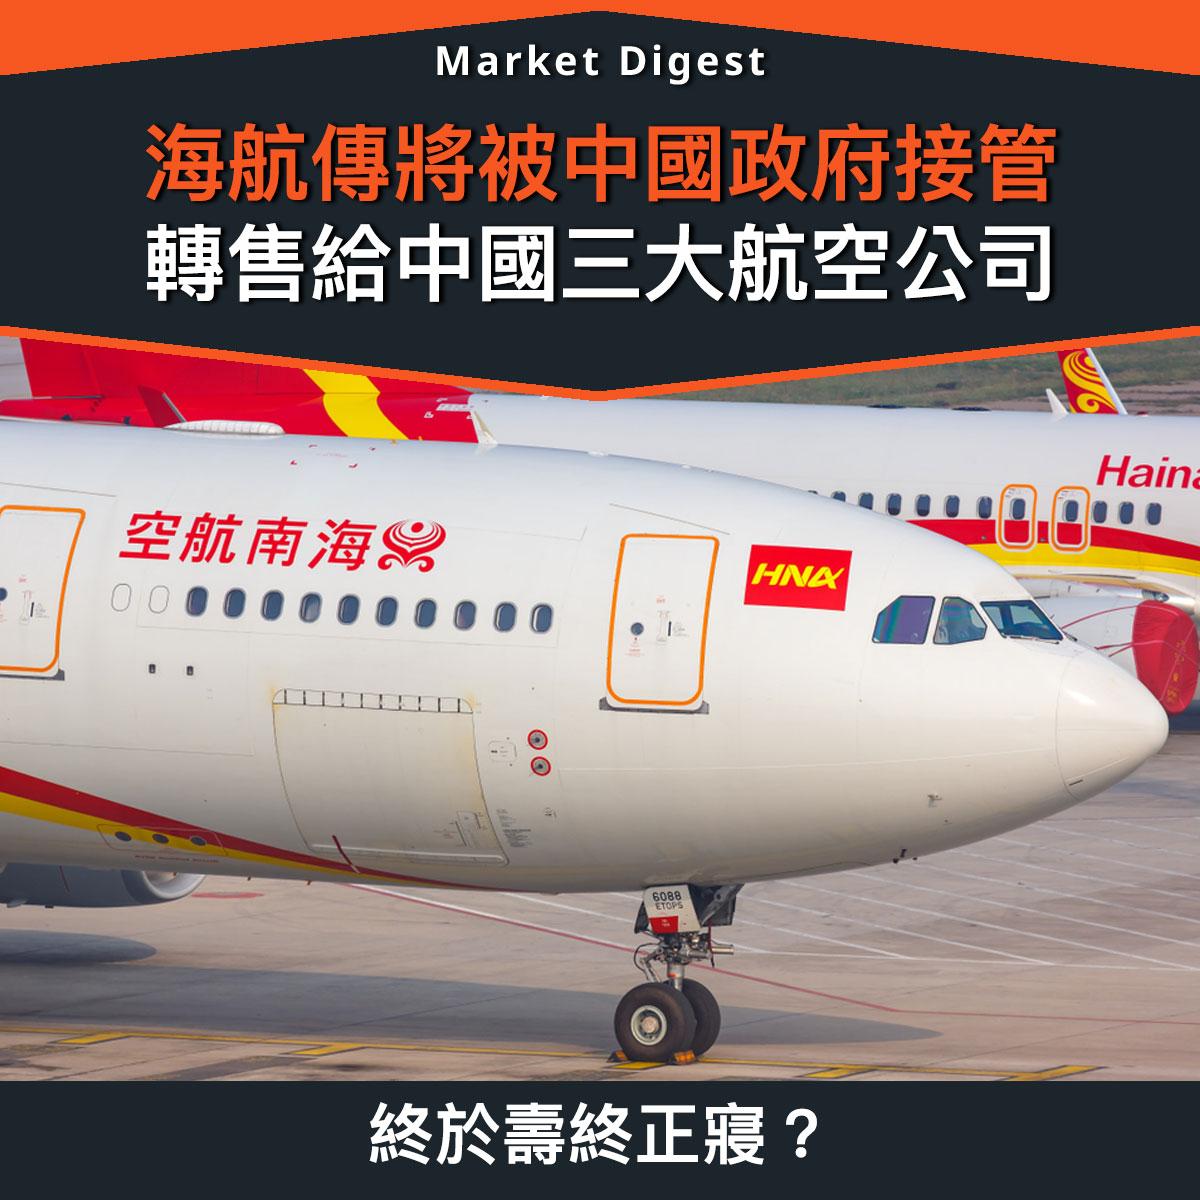 【市場熱話】海航傳將被中國政府接管,轉售給中國三大航空公司